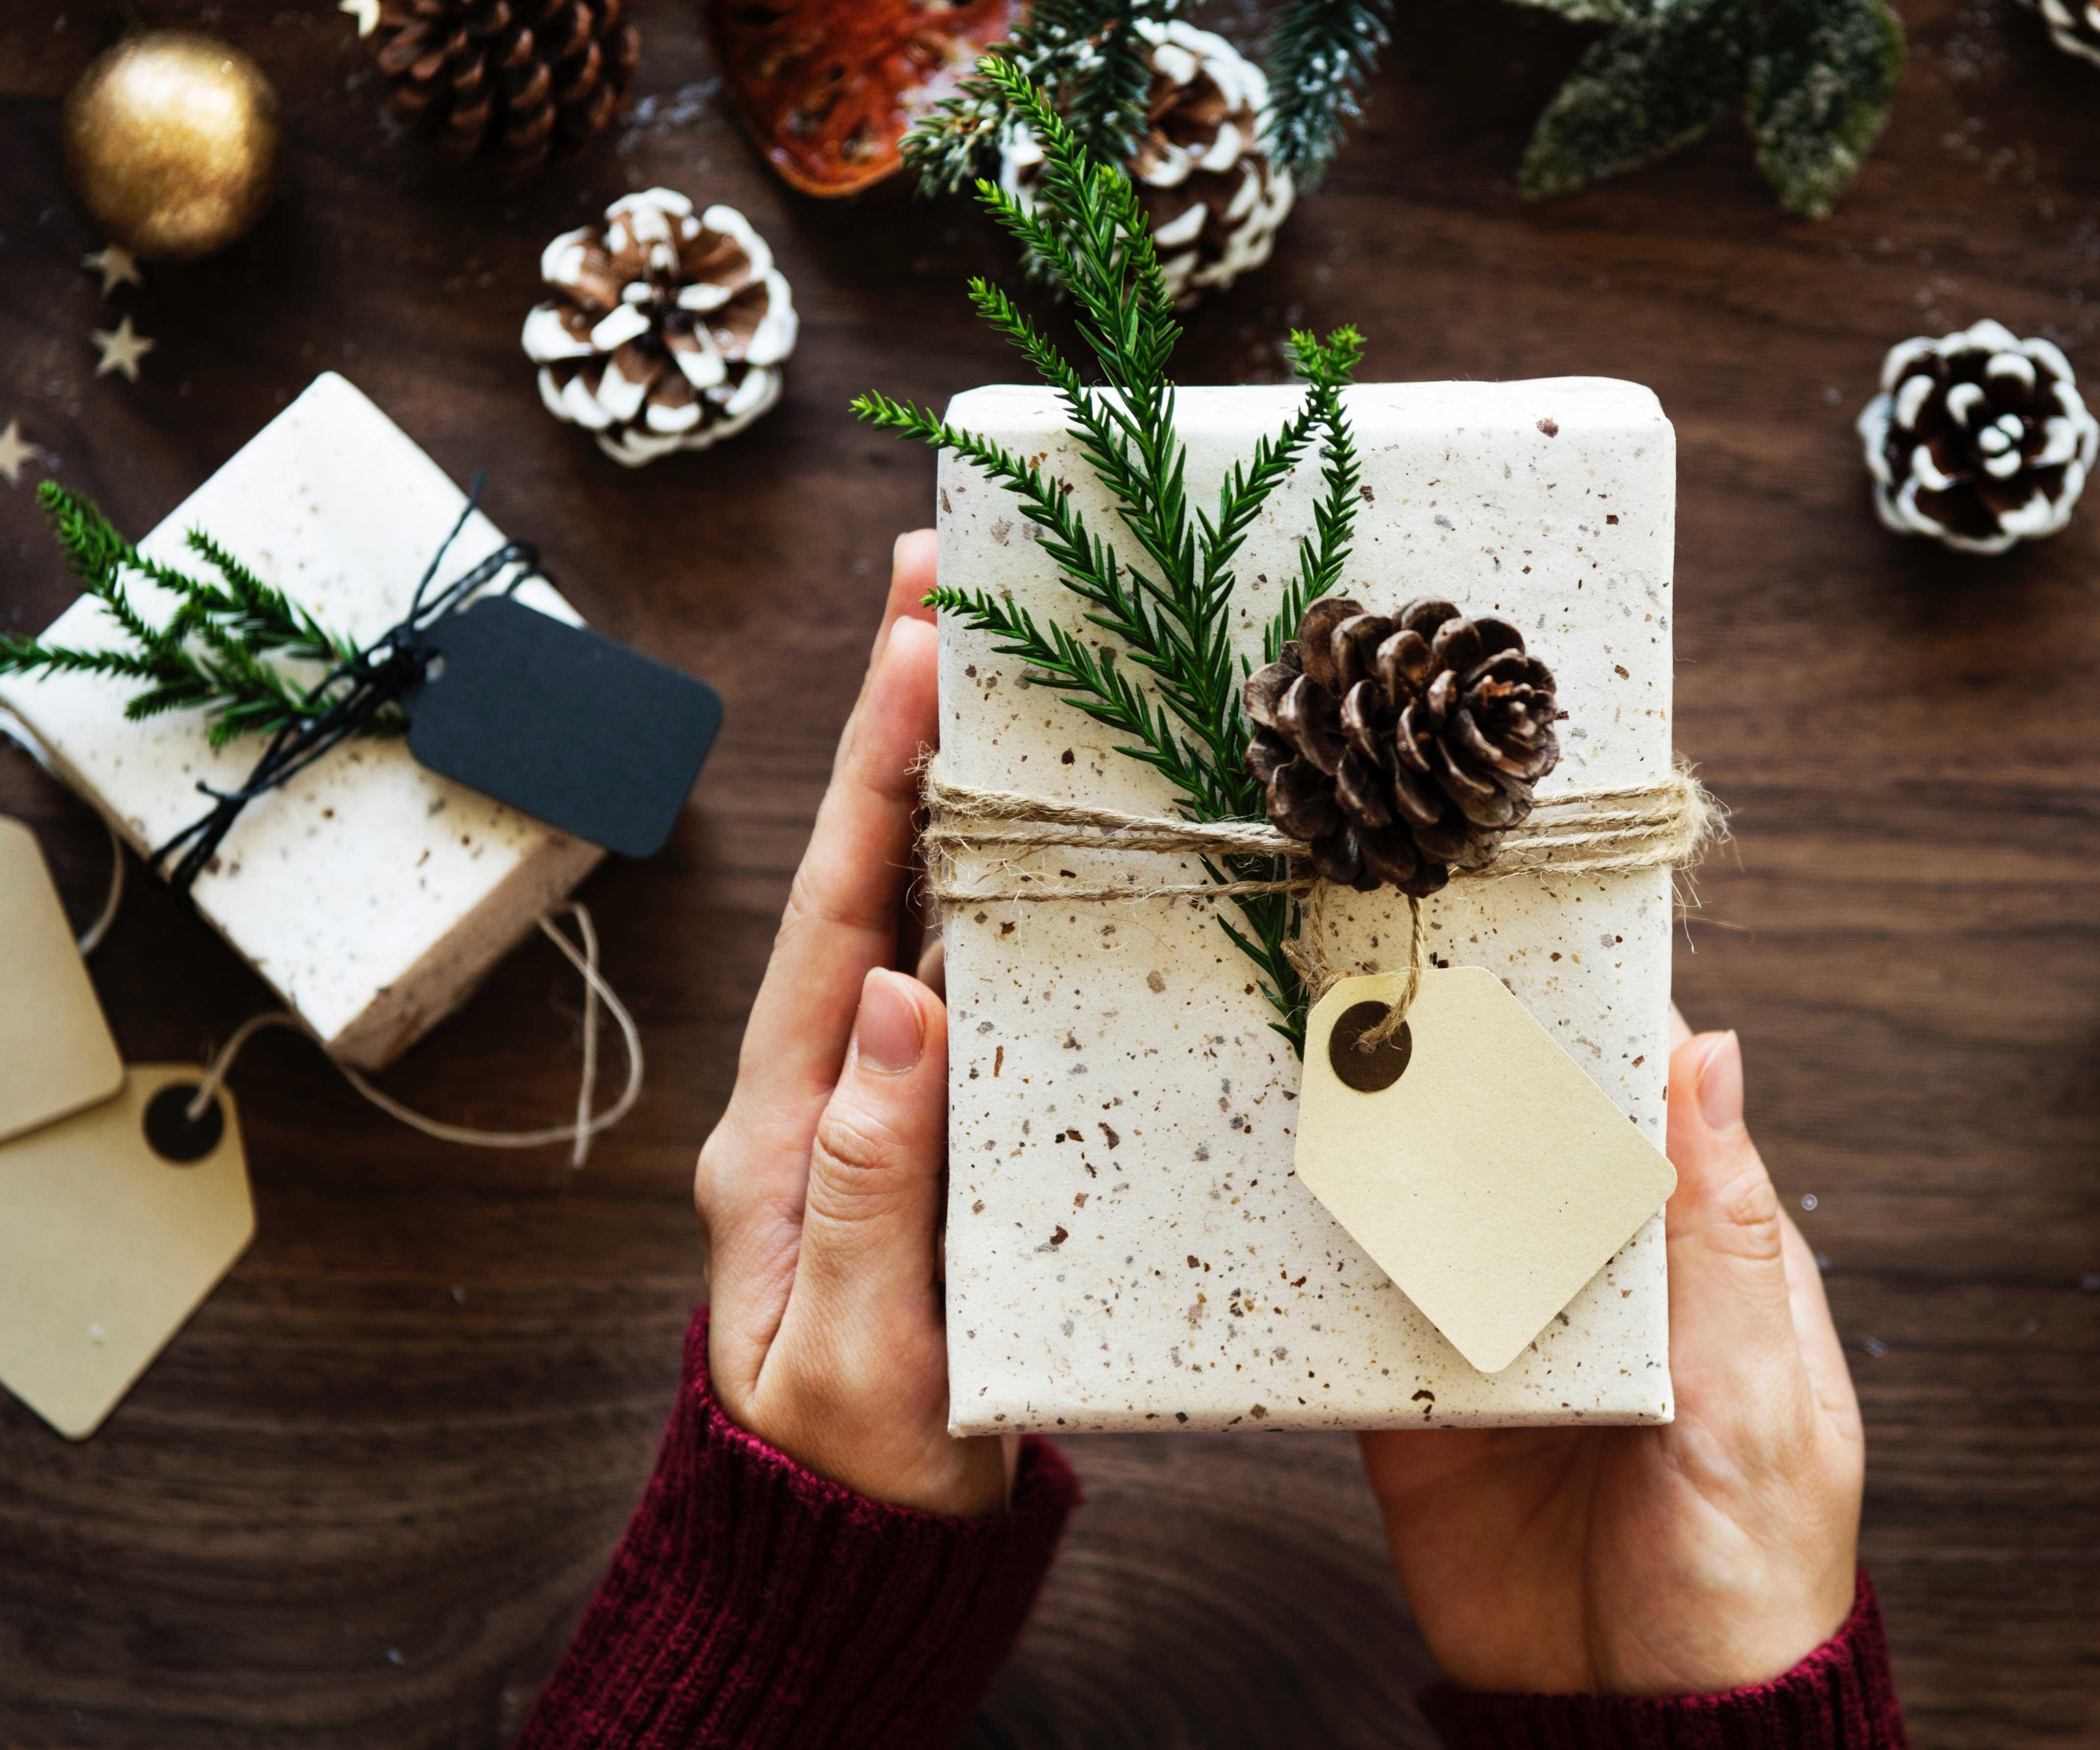 Weihnachtsgeschenk einpacken | Famigros